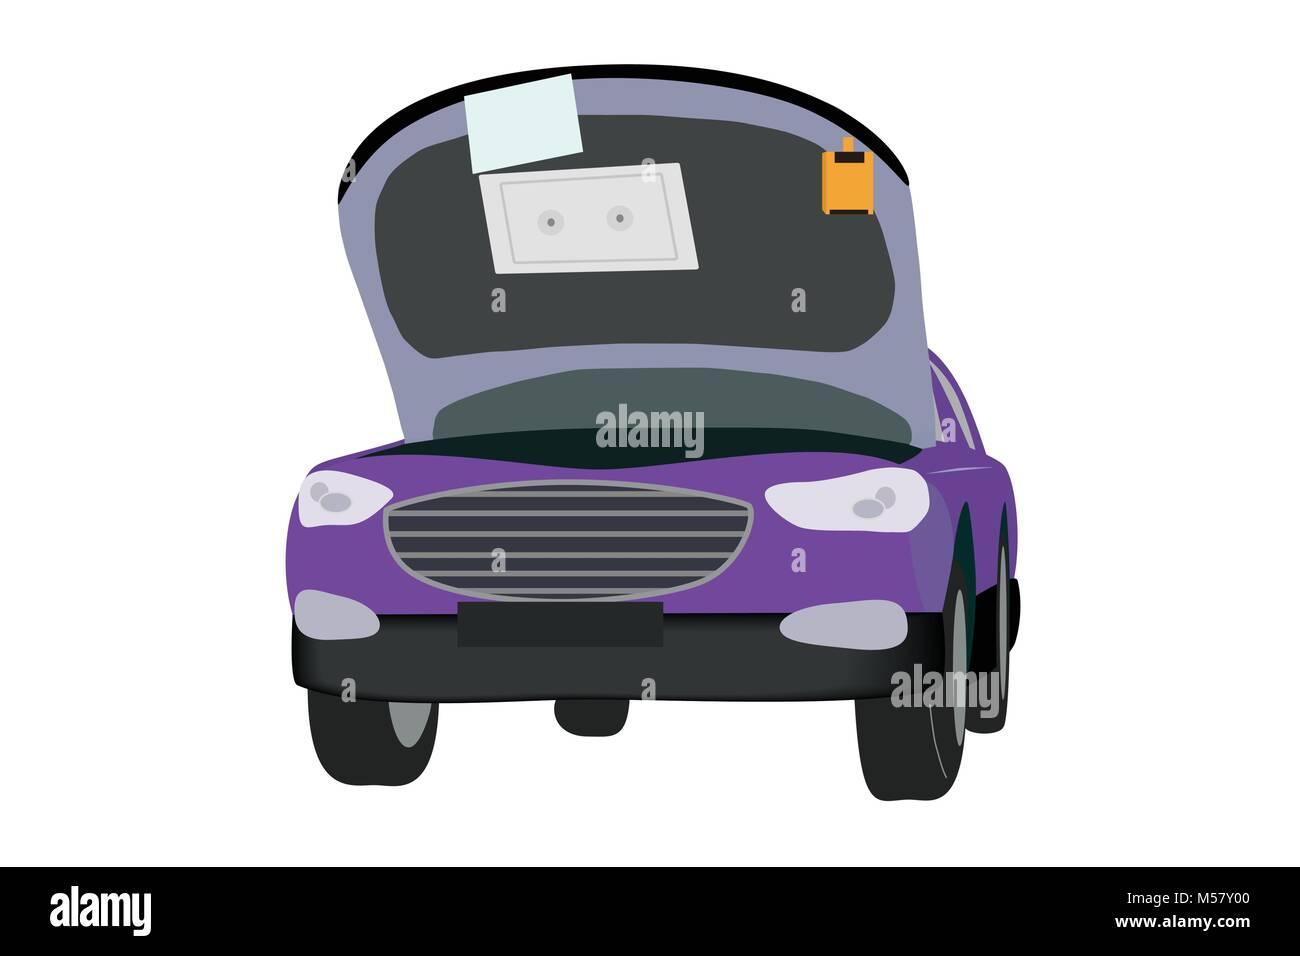 Car Engine Bonnet Illustration Stock Photos & Car Engine Bonnet ...